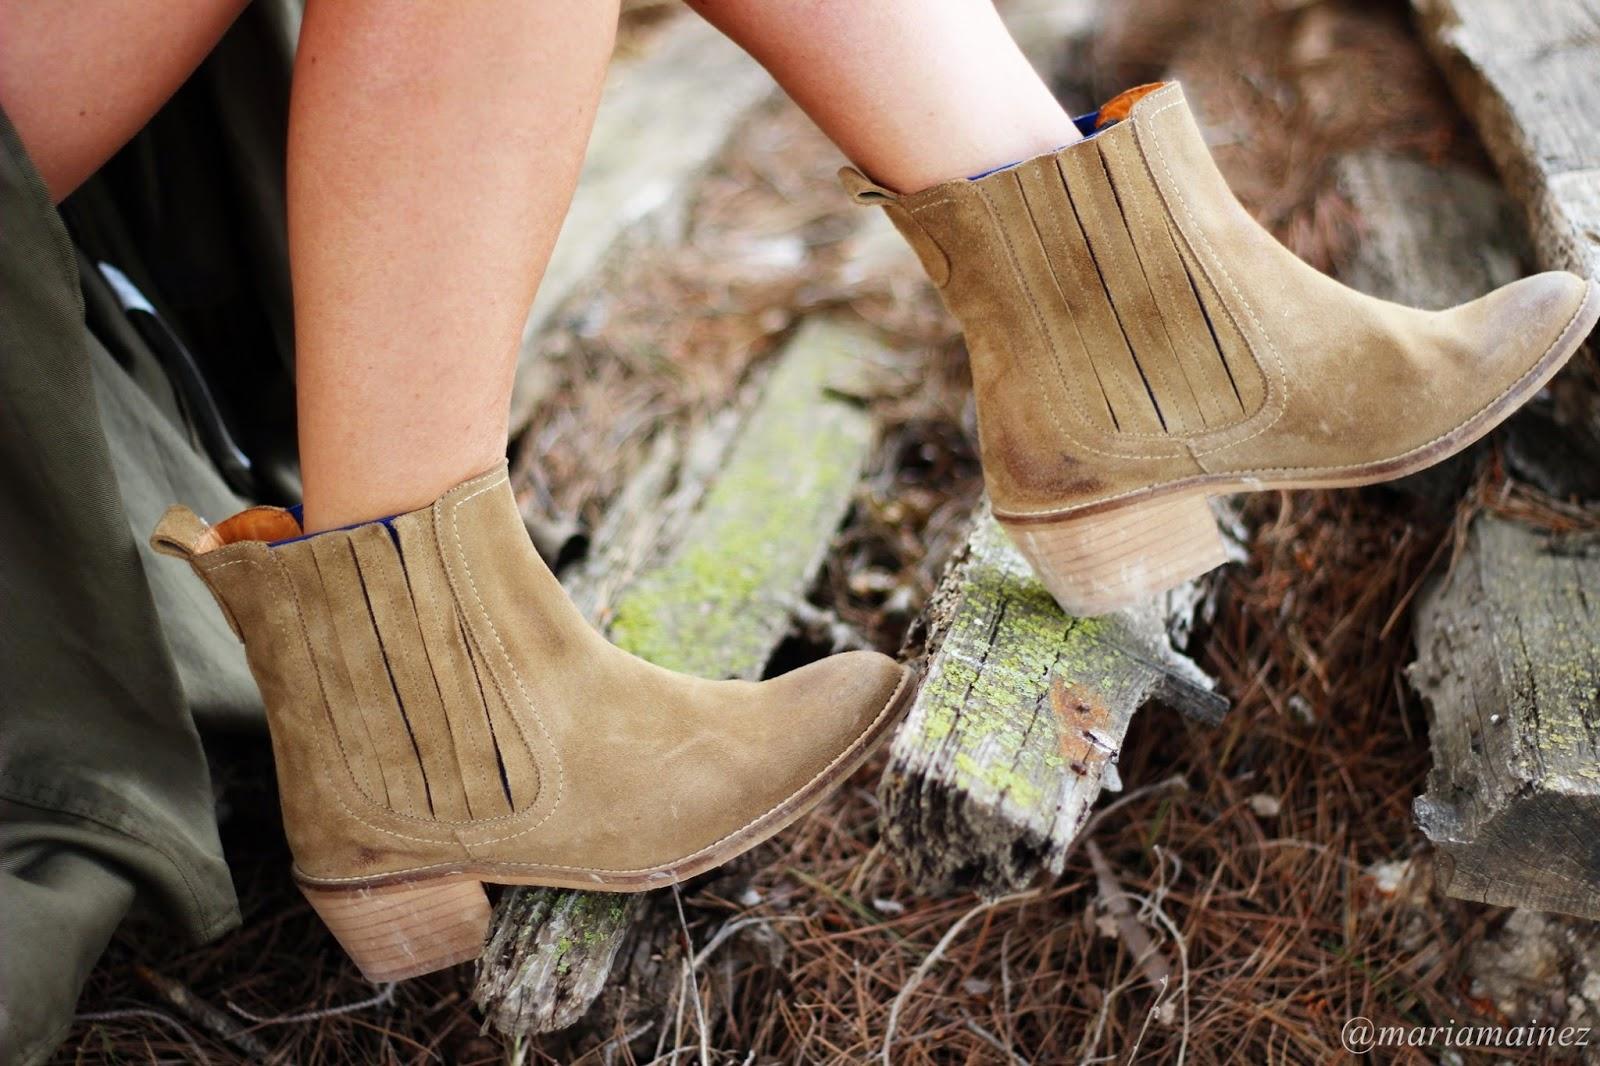 Botines de verano - Tabatha shoes - Streetstyle - botines camperos